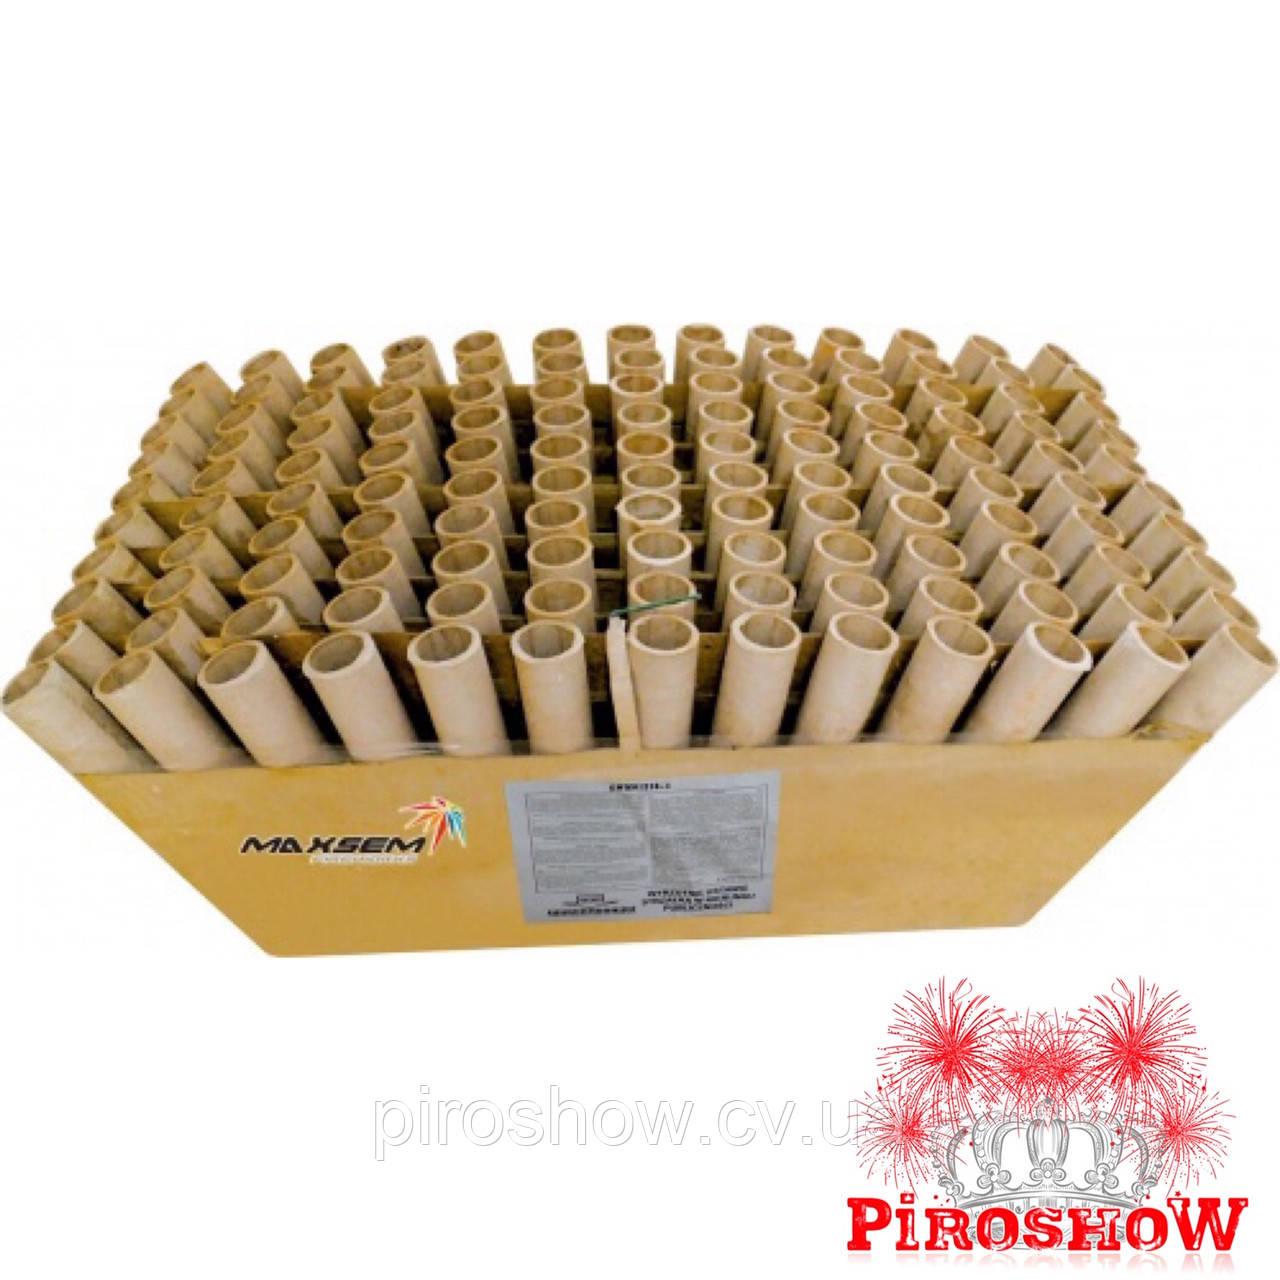 Салютная установка 100 выстрелов/30 калибр